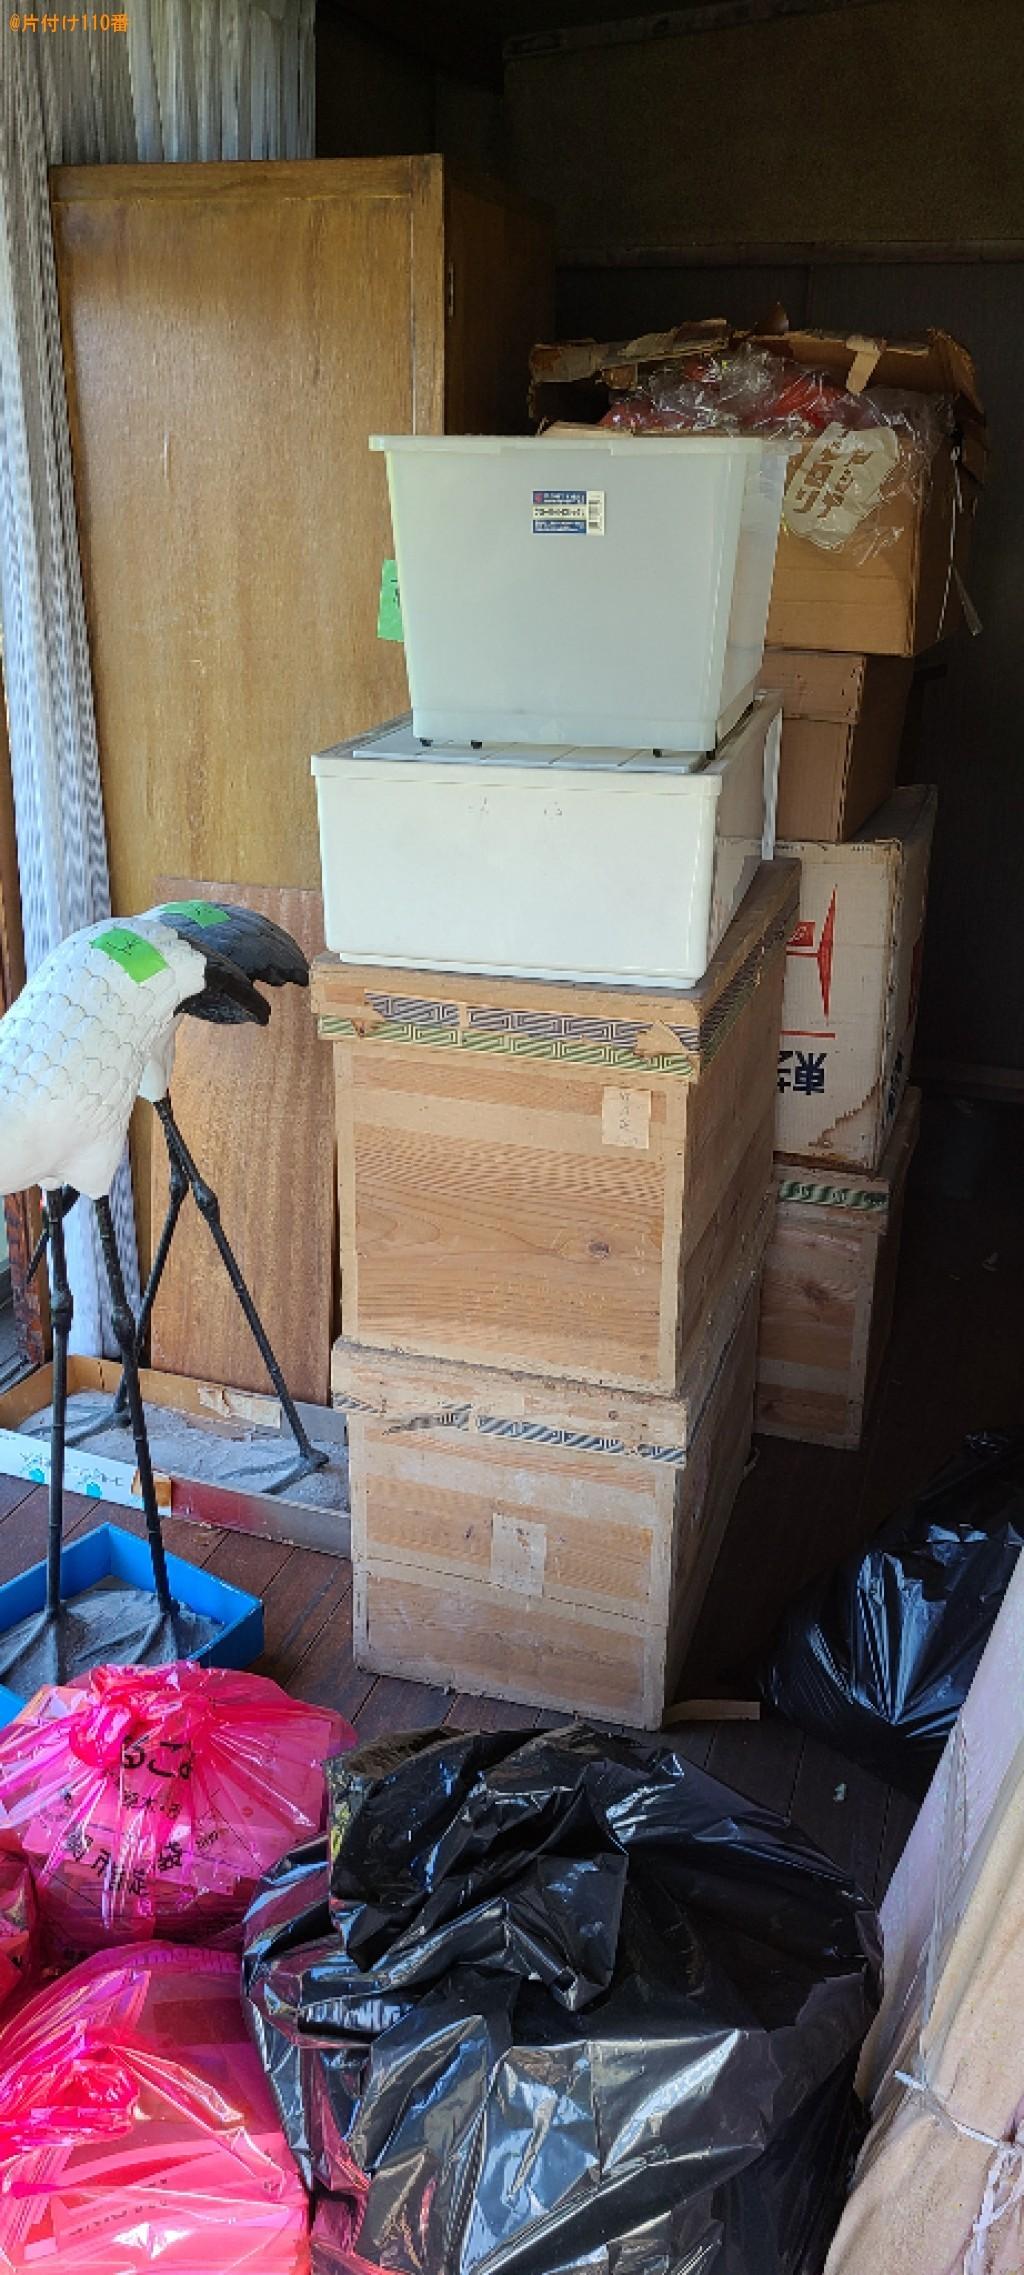 【下関市彦島迫町】衣類収納ケース、タンス、箱、一般ごみ等の回収